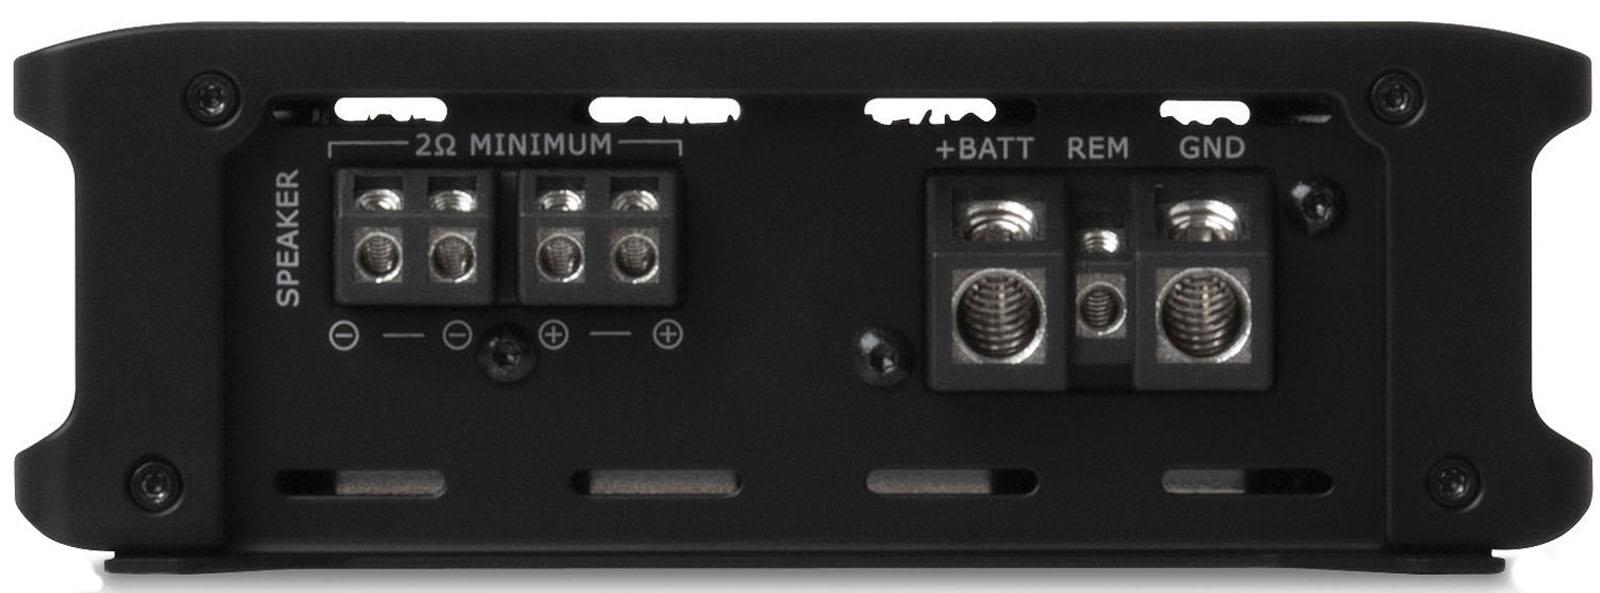 Thunder Series 500 Watt Rms Class D Mono Block Amplifier Mtx Audio Cheap Car Subwoofer Filter Pcb Layout Sku Thunder5001